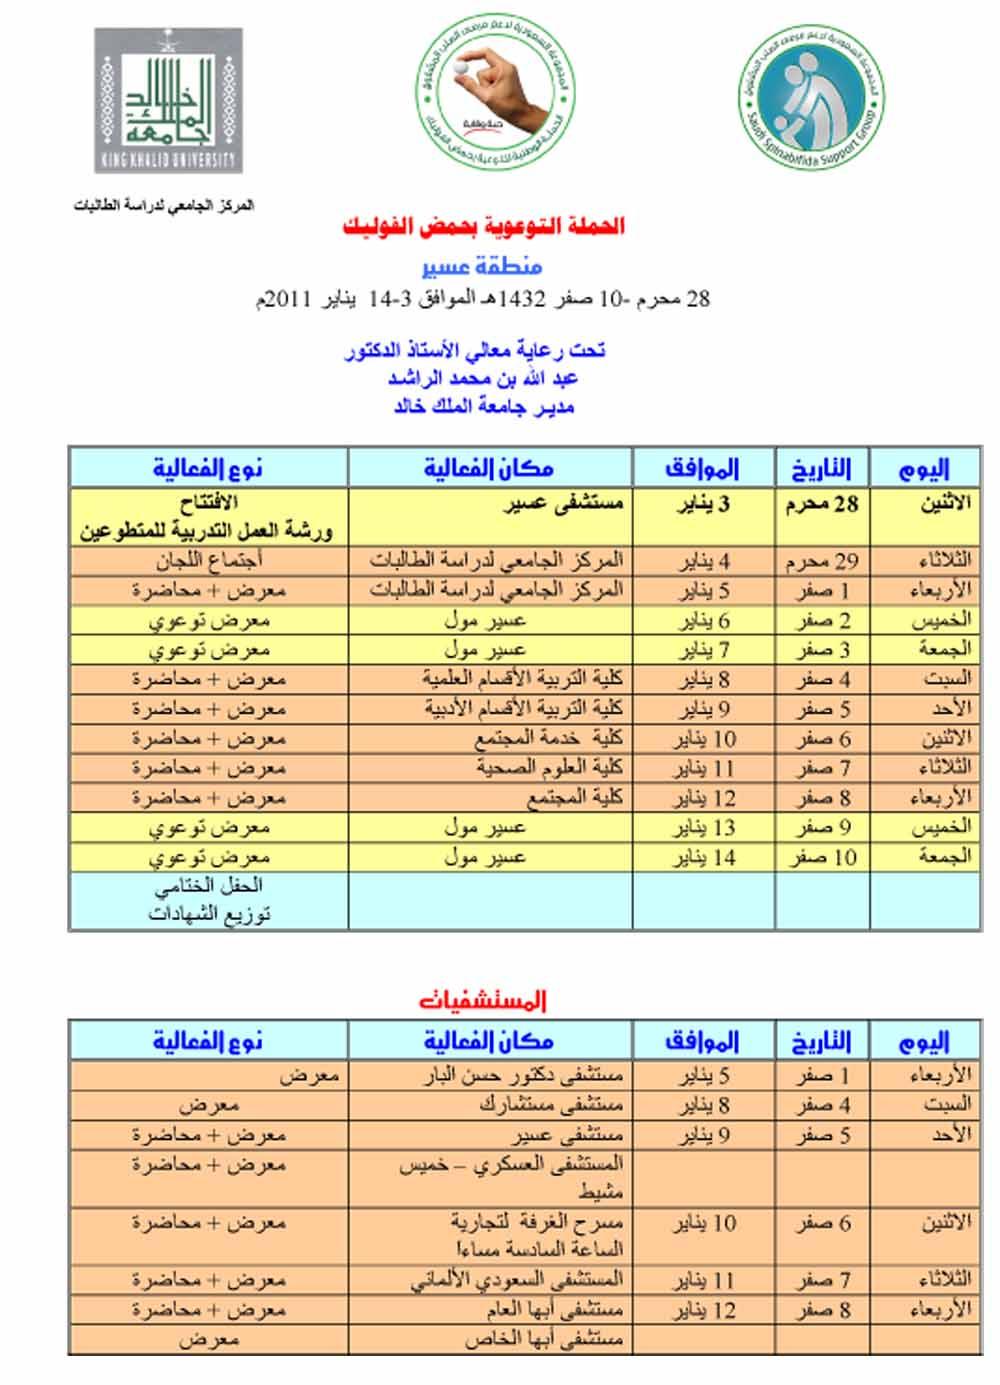 حملات توعوية بحمض الفوليك في معظم مناطق المملكة Calendar_Abha-long.jpg